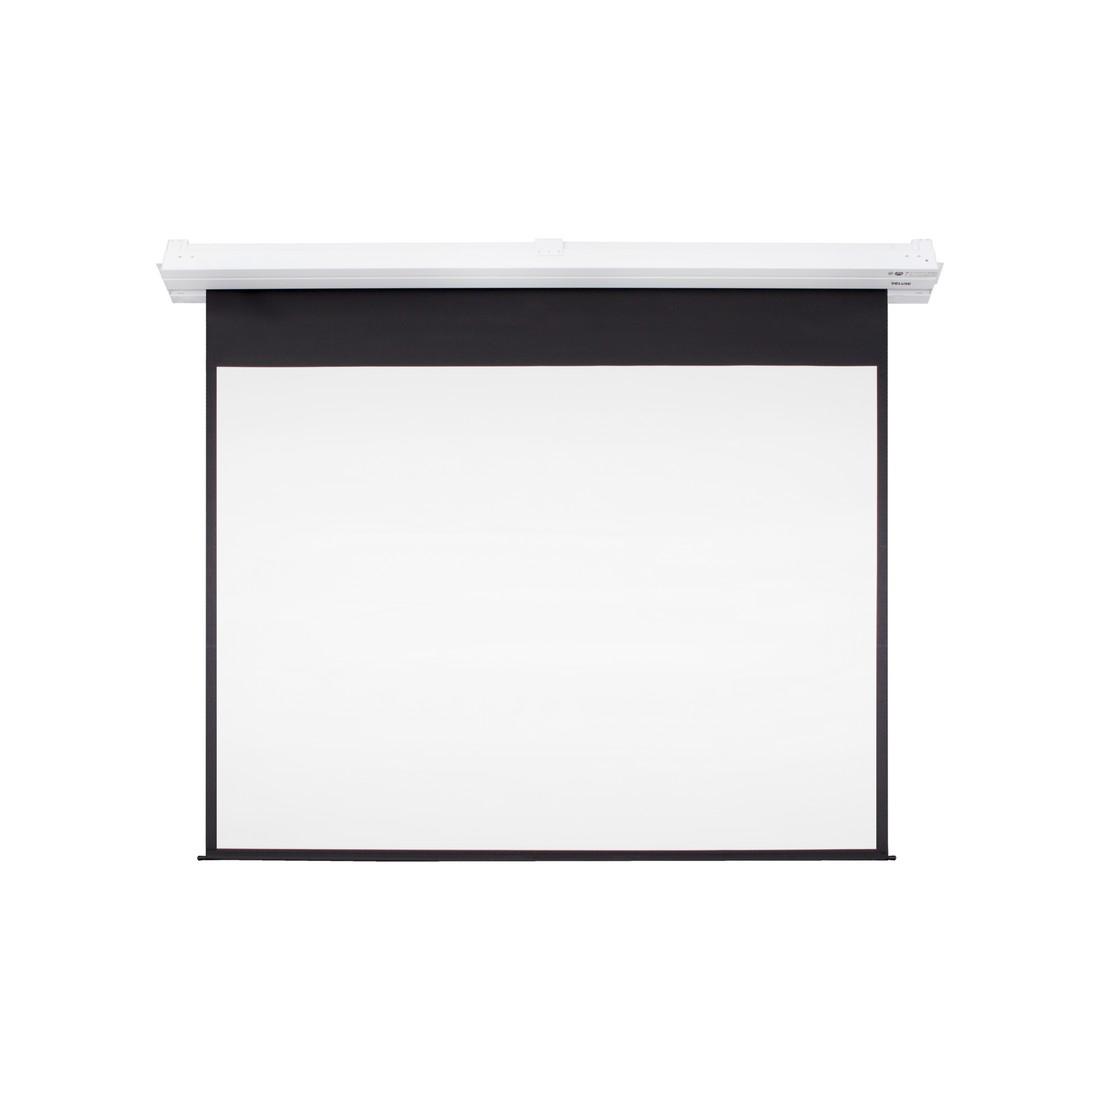 Встраиваемый проекционный экран Deluxe DLS-I244-183